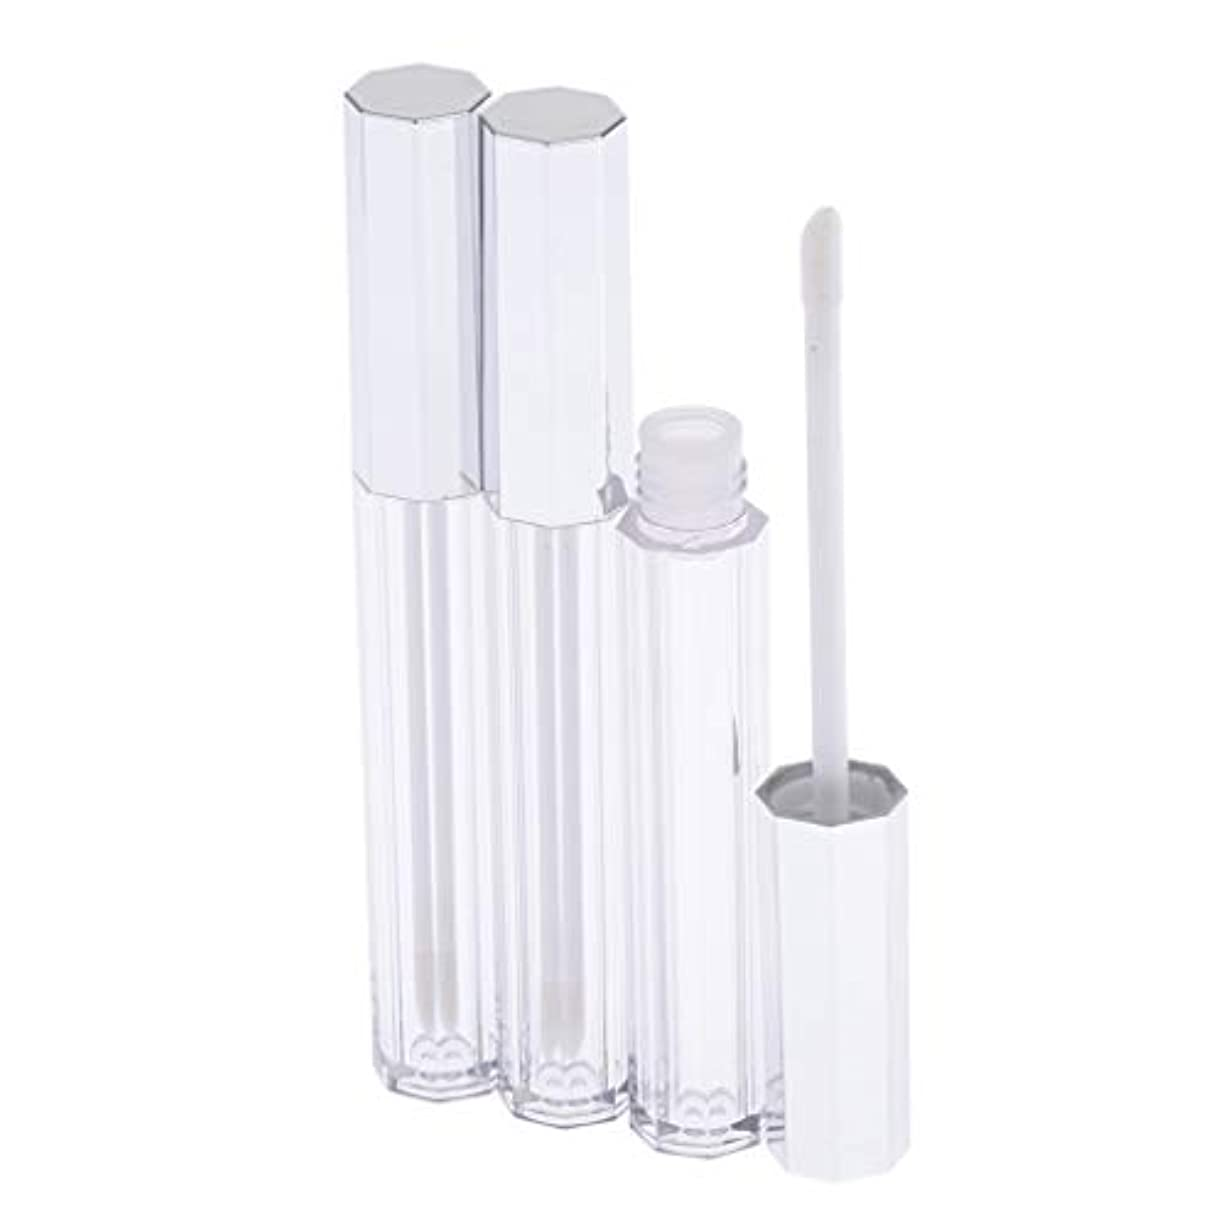 有効化引き渡す雷雨SM SunniMix リップグロス 容器 チューブ クリア リップスティックチューブ プラスチック 5ml 3個セット